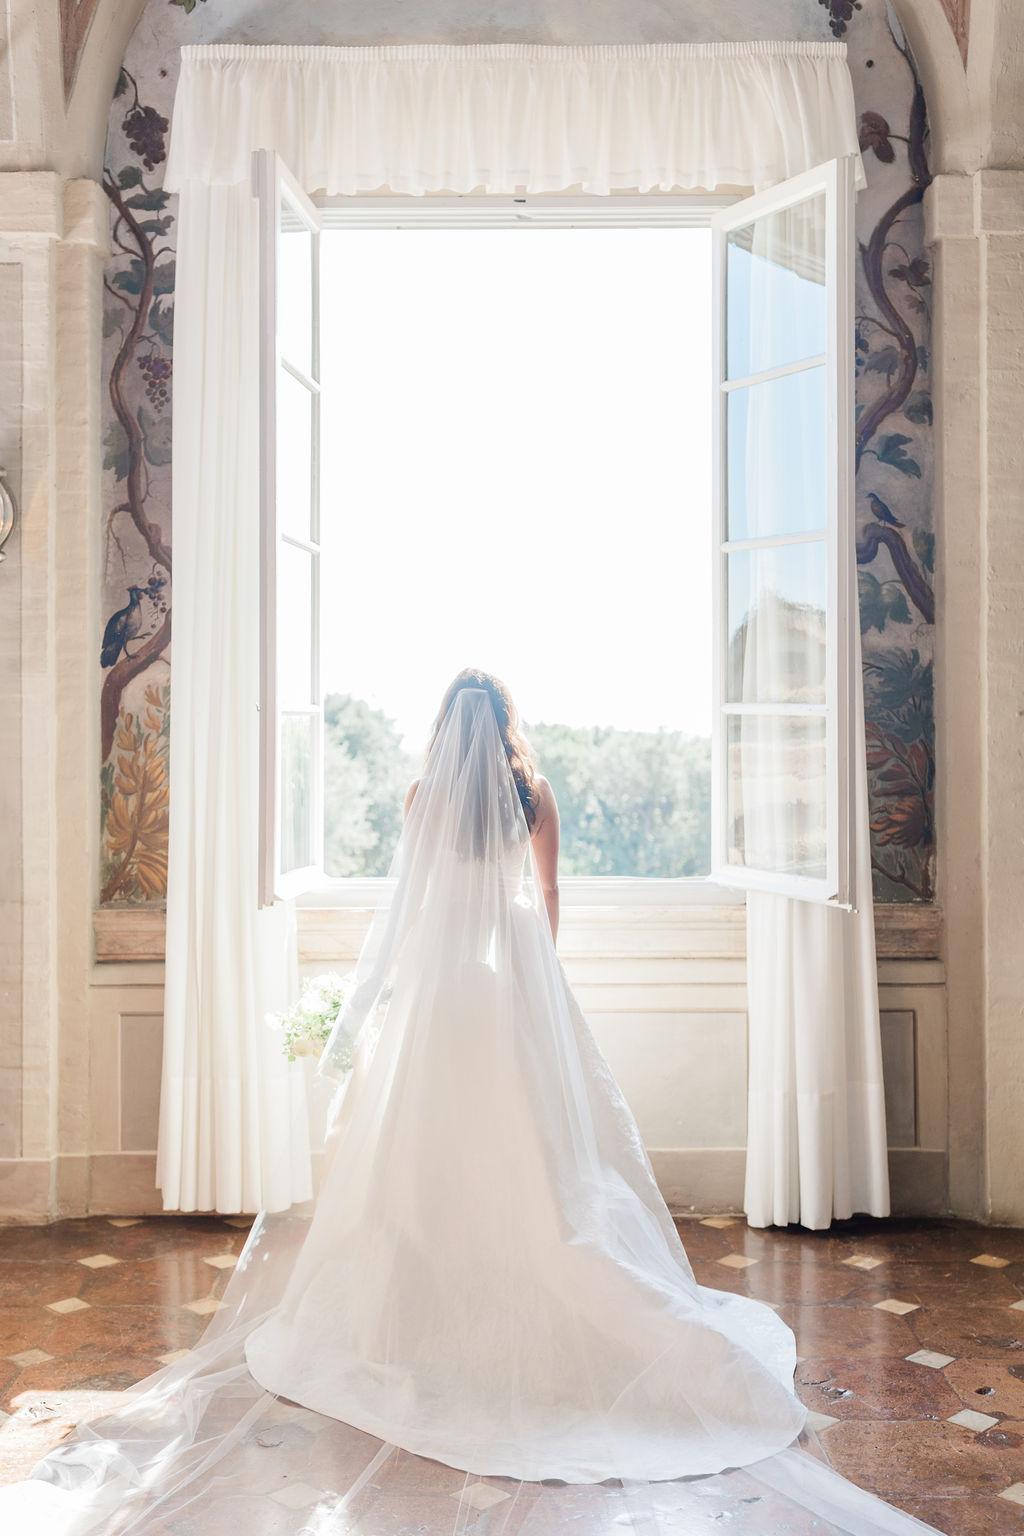 bride gazing out open window